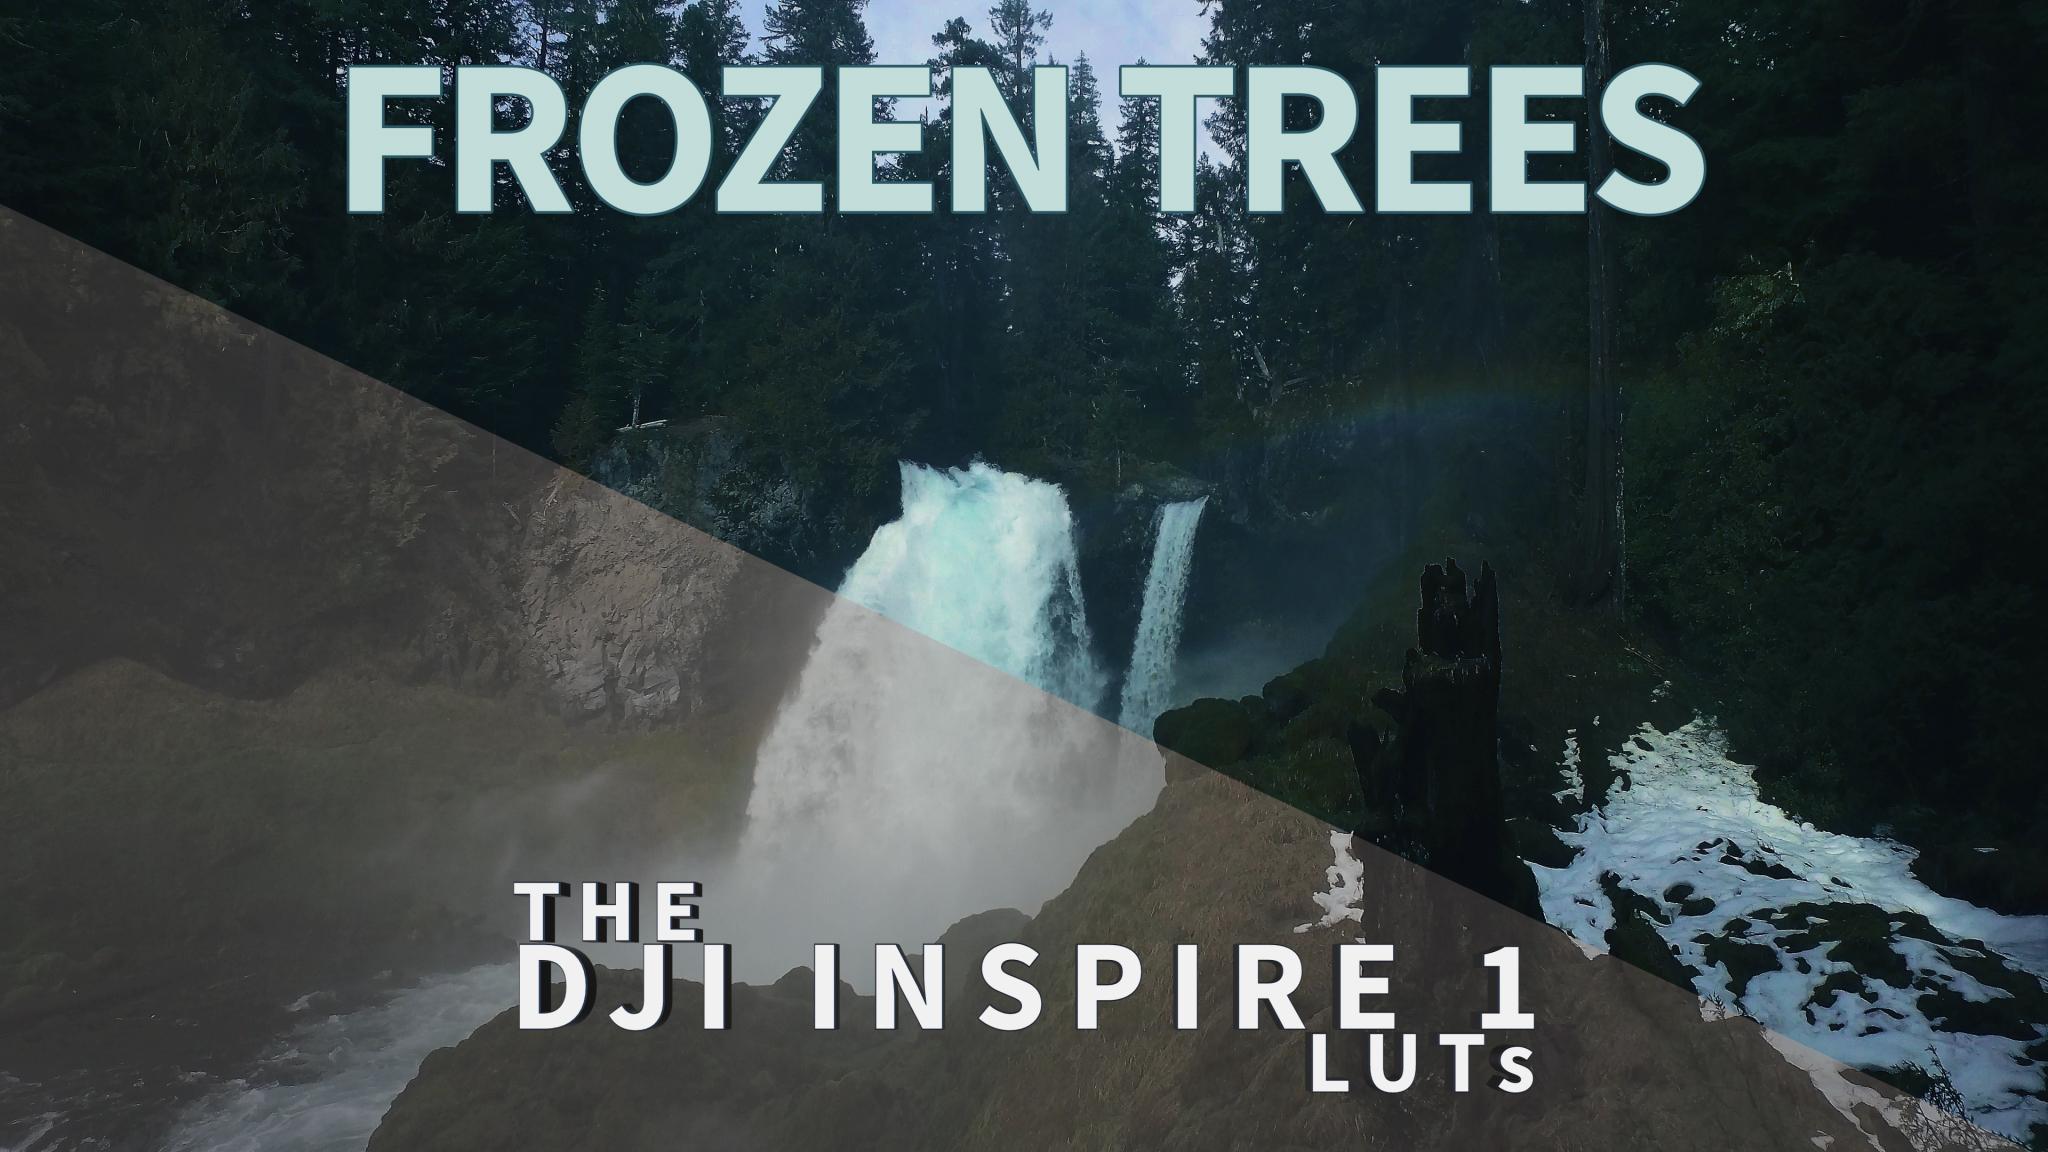 frozen trees cinematic video luts